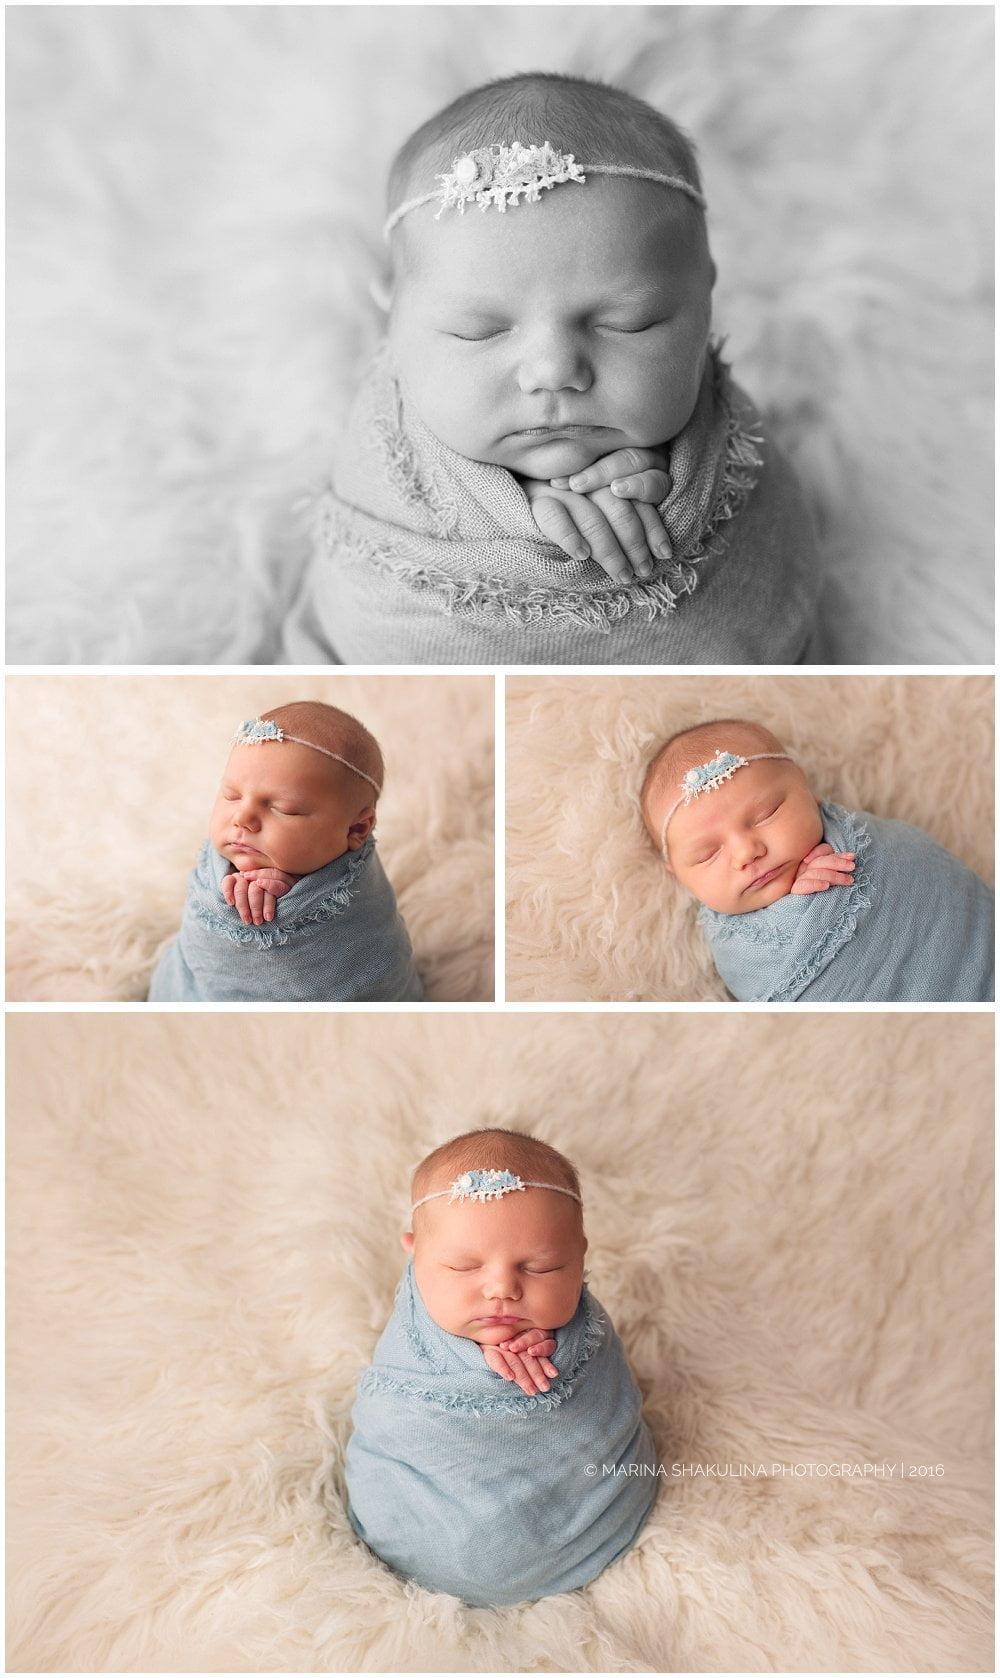 Servizio fotografico di neonati a Verona